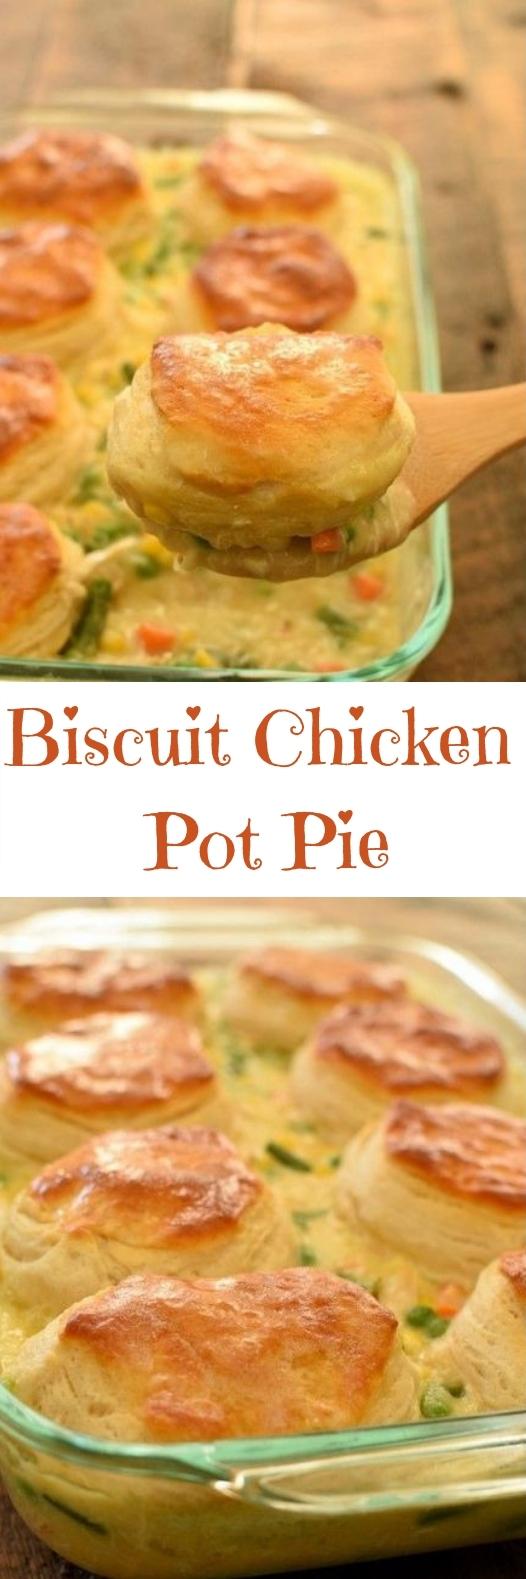 Biscuit Chicken Pot Pie #deliciousrecipe #dinner